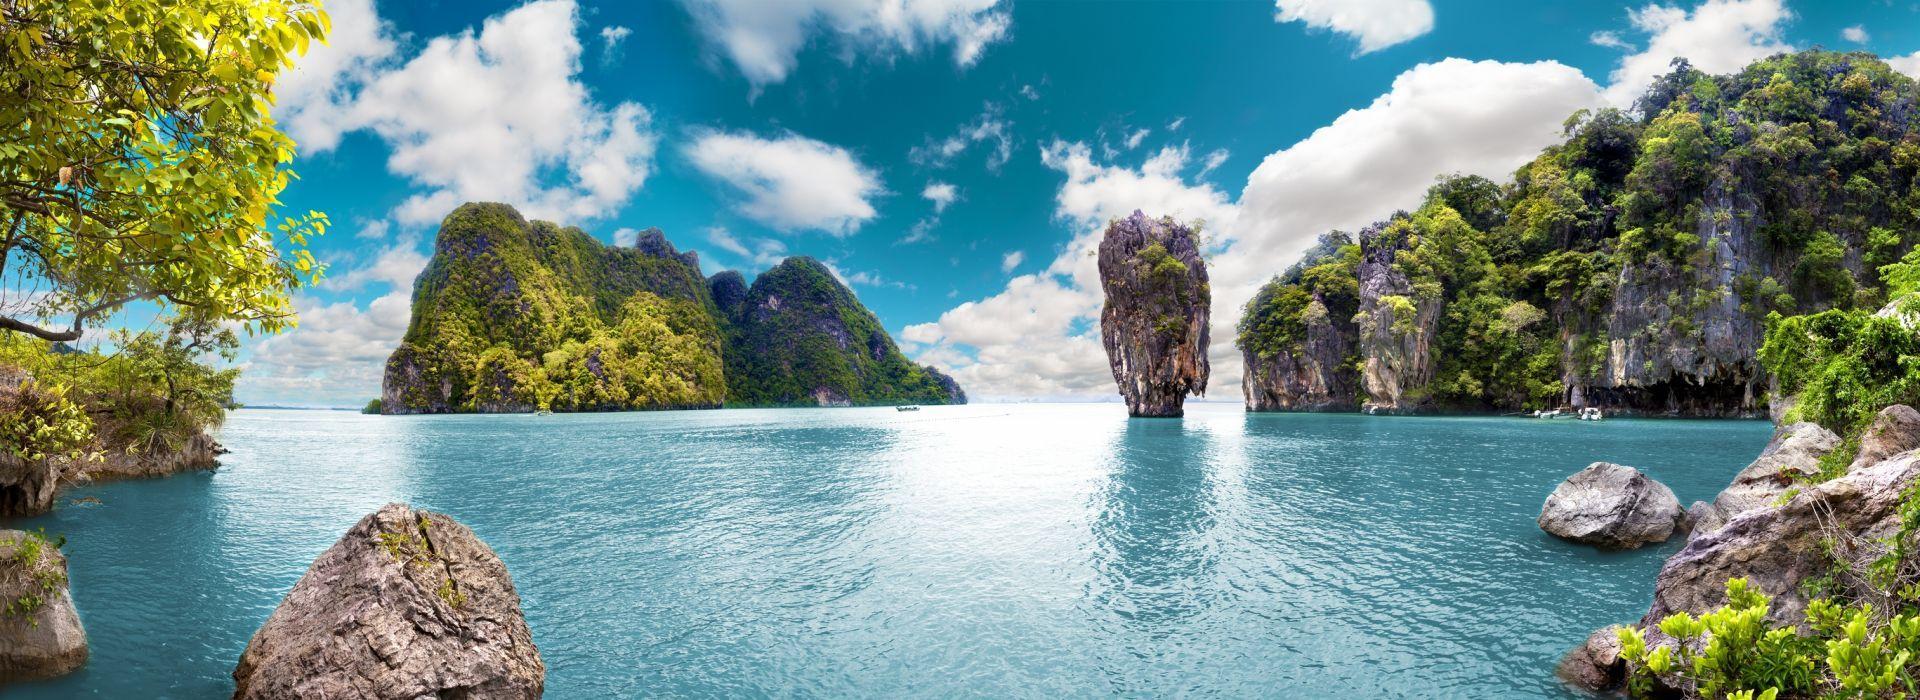 Trekking Tours in Thailand